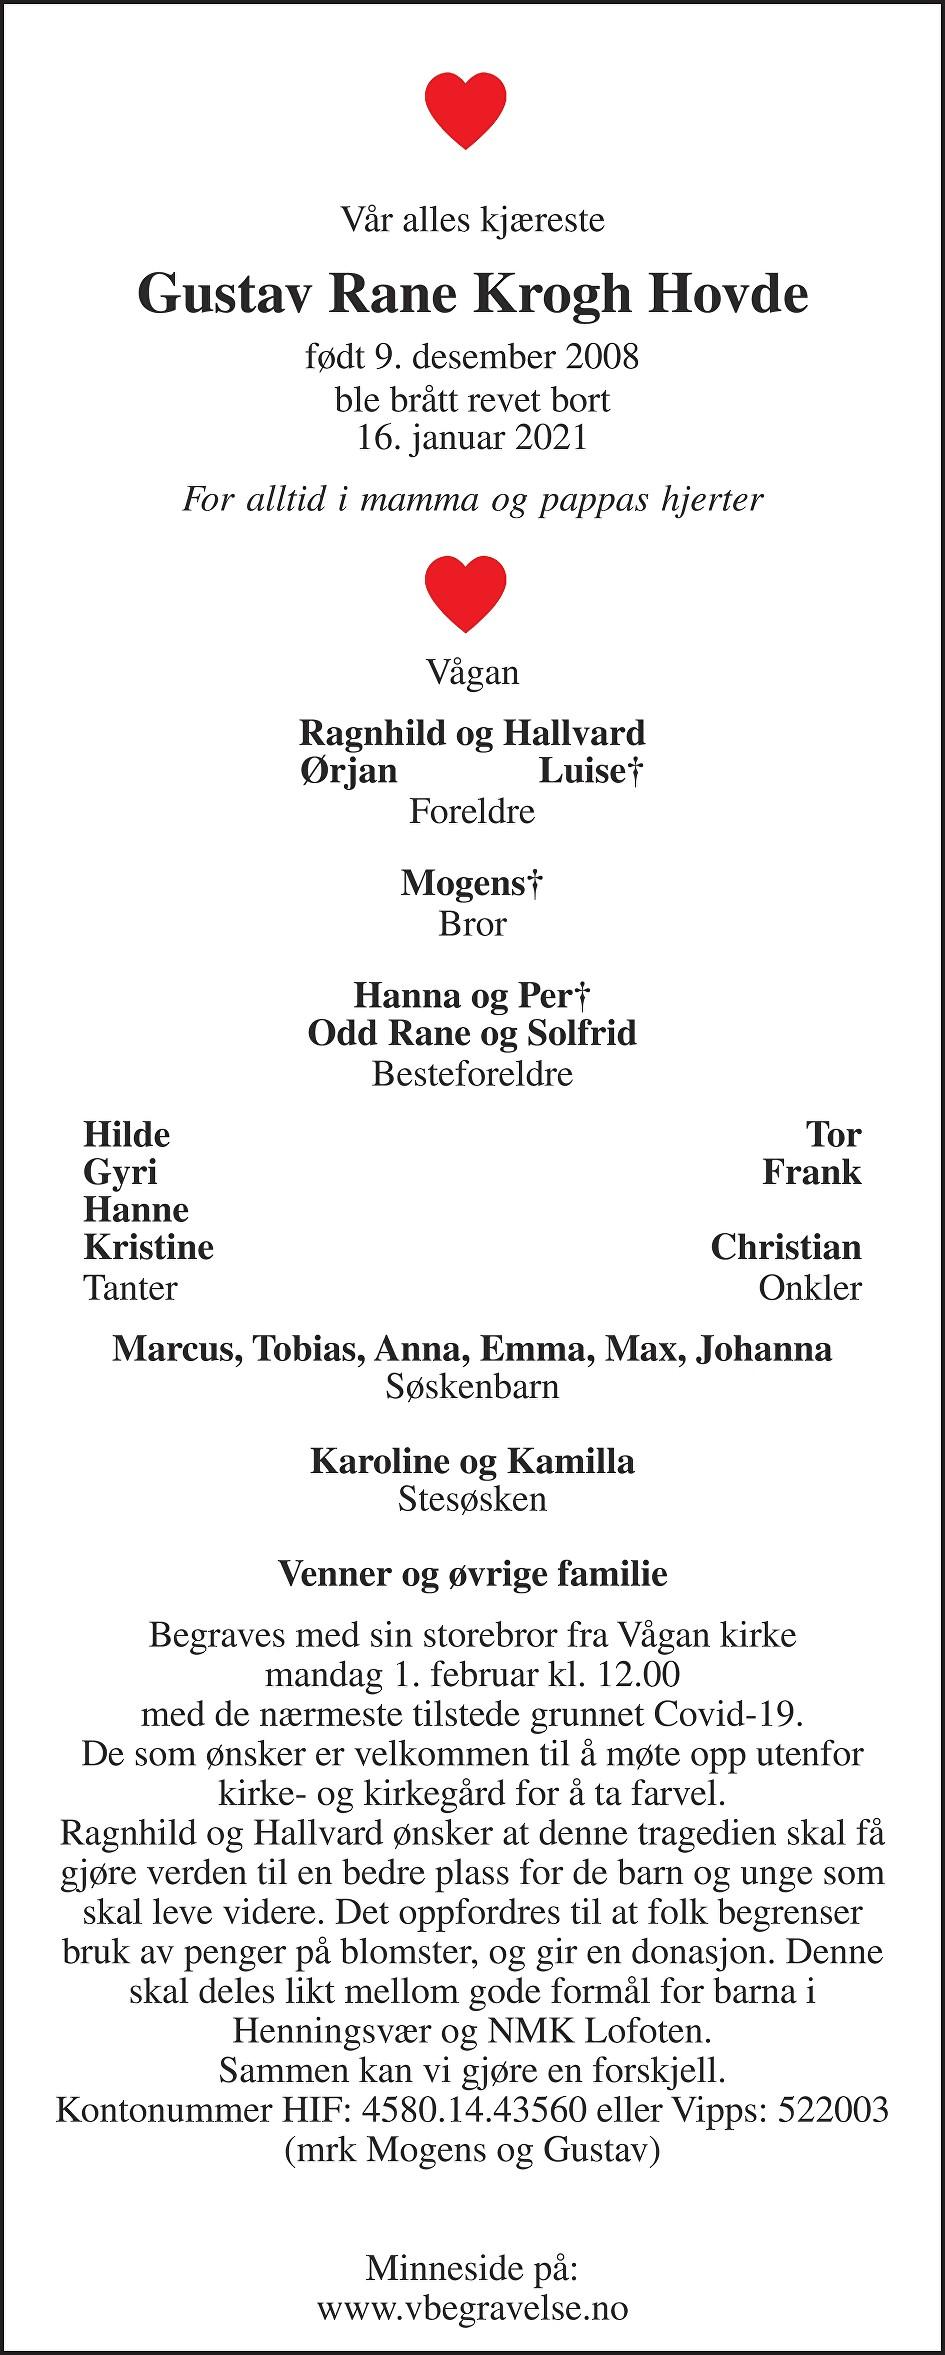 Gustav Rane Krogh Hovde Dødsannonse